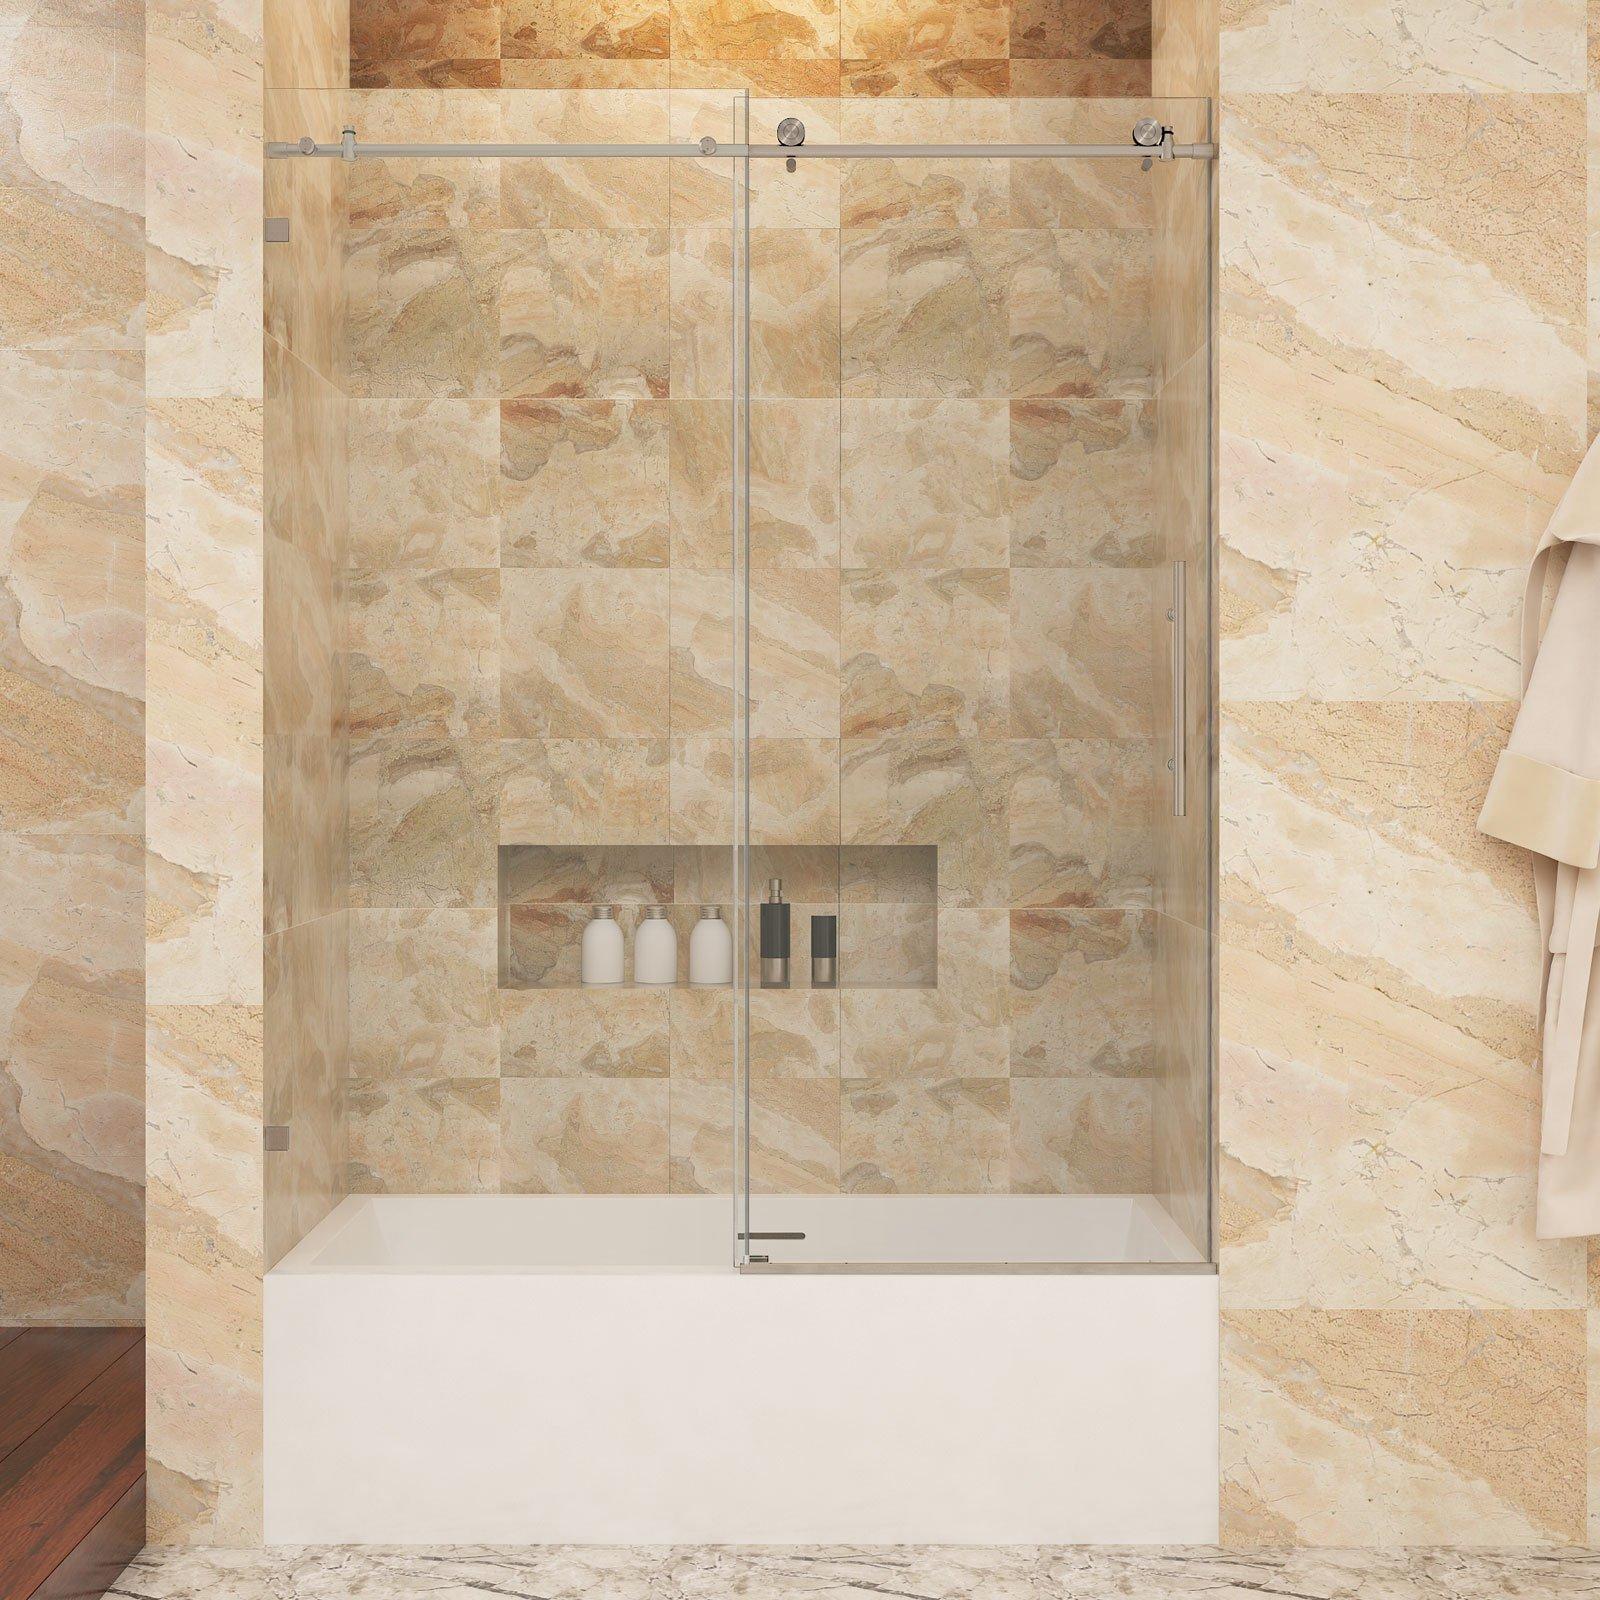 Best Rated In Bathtub Sliding Doors Helpful Customer Reviews